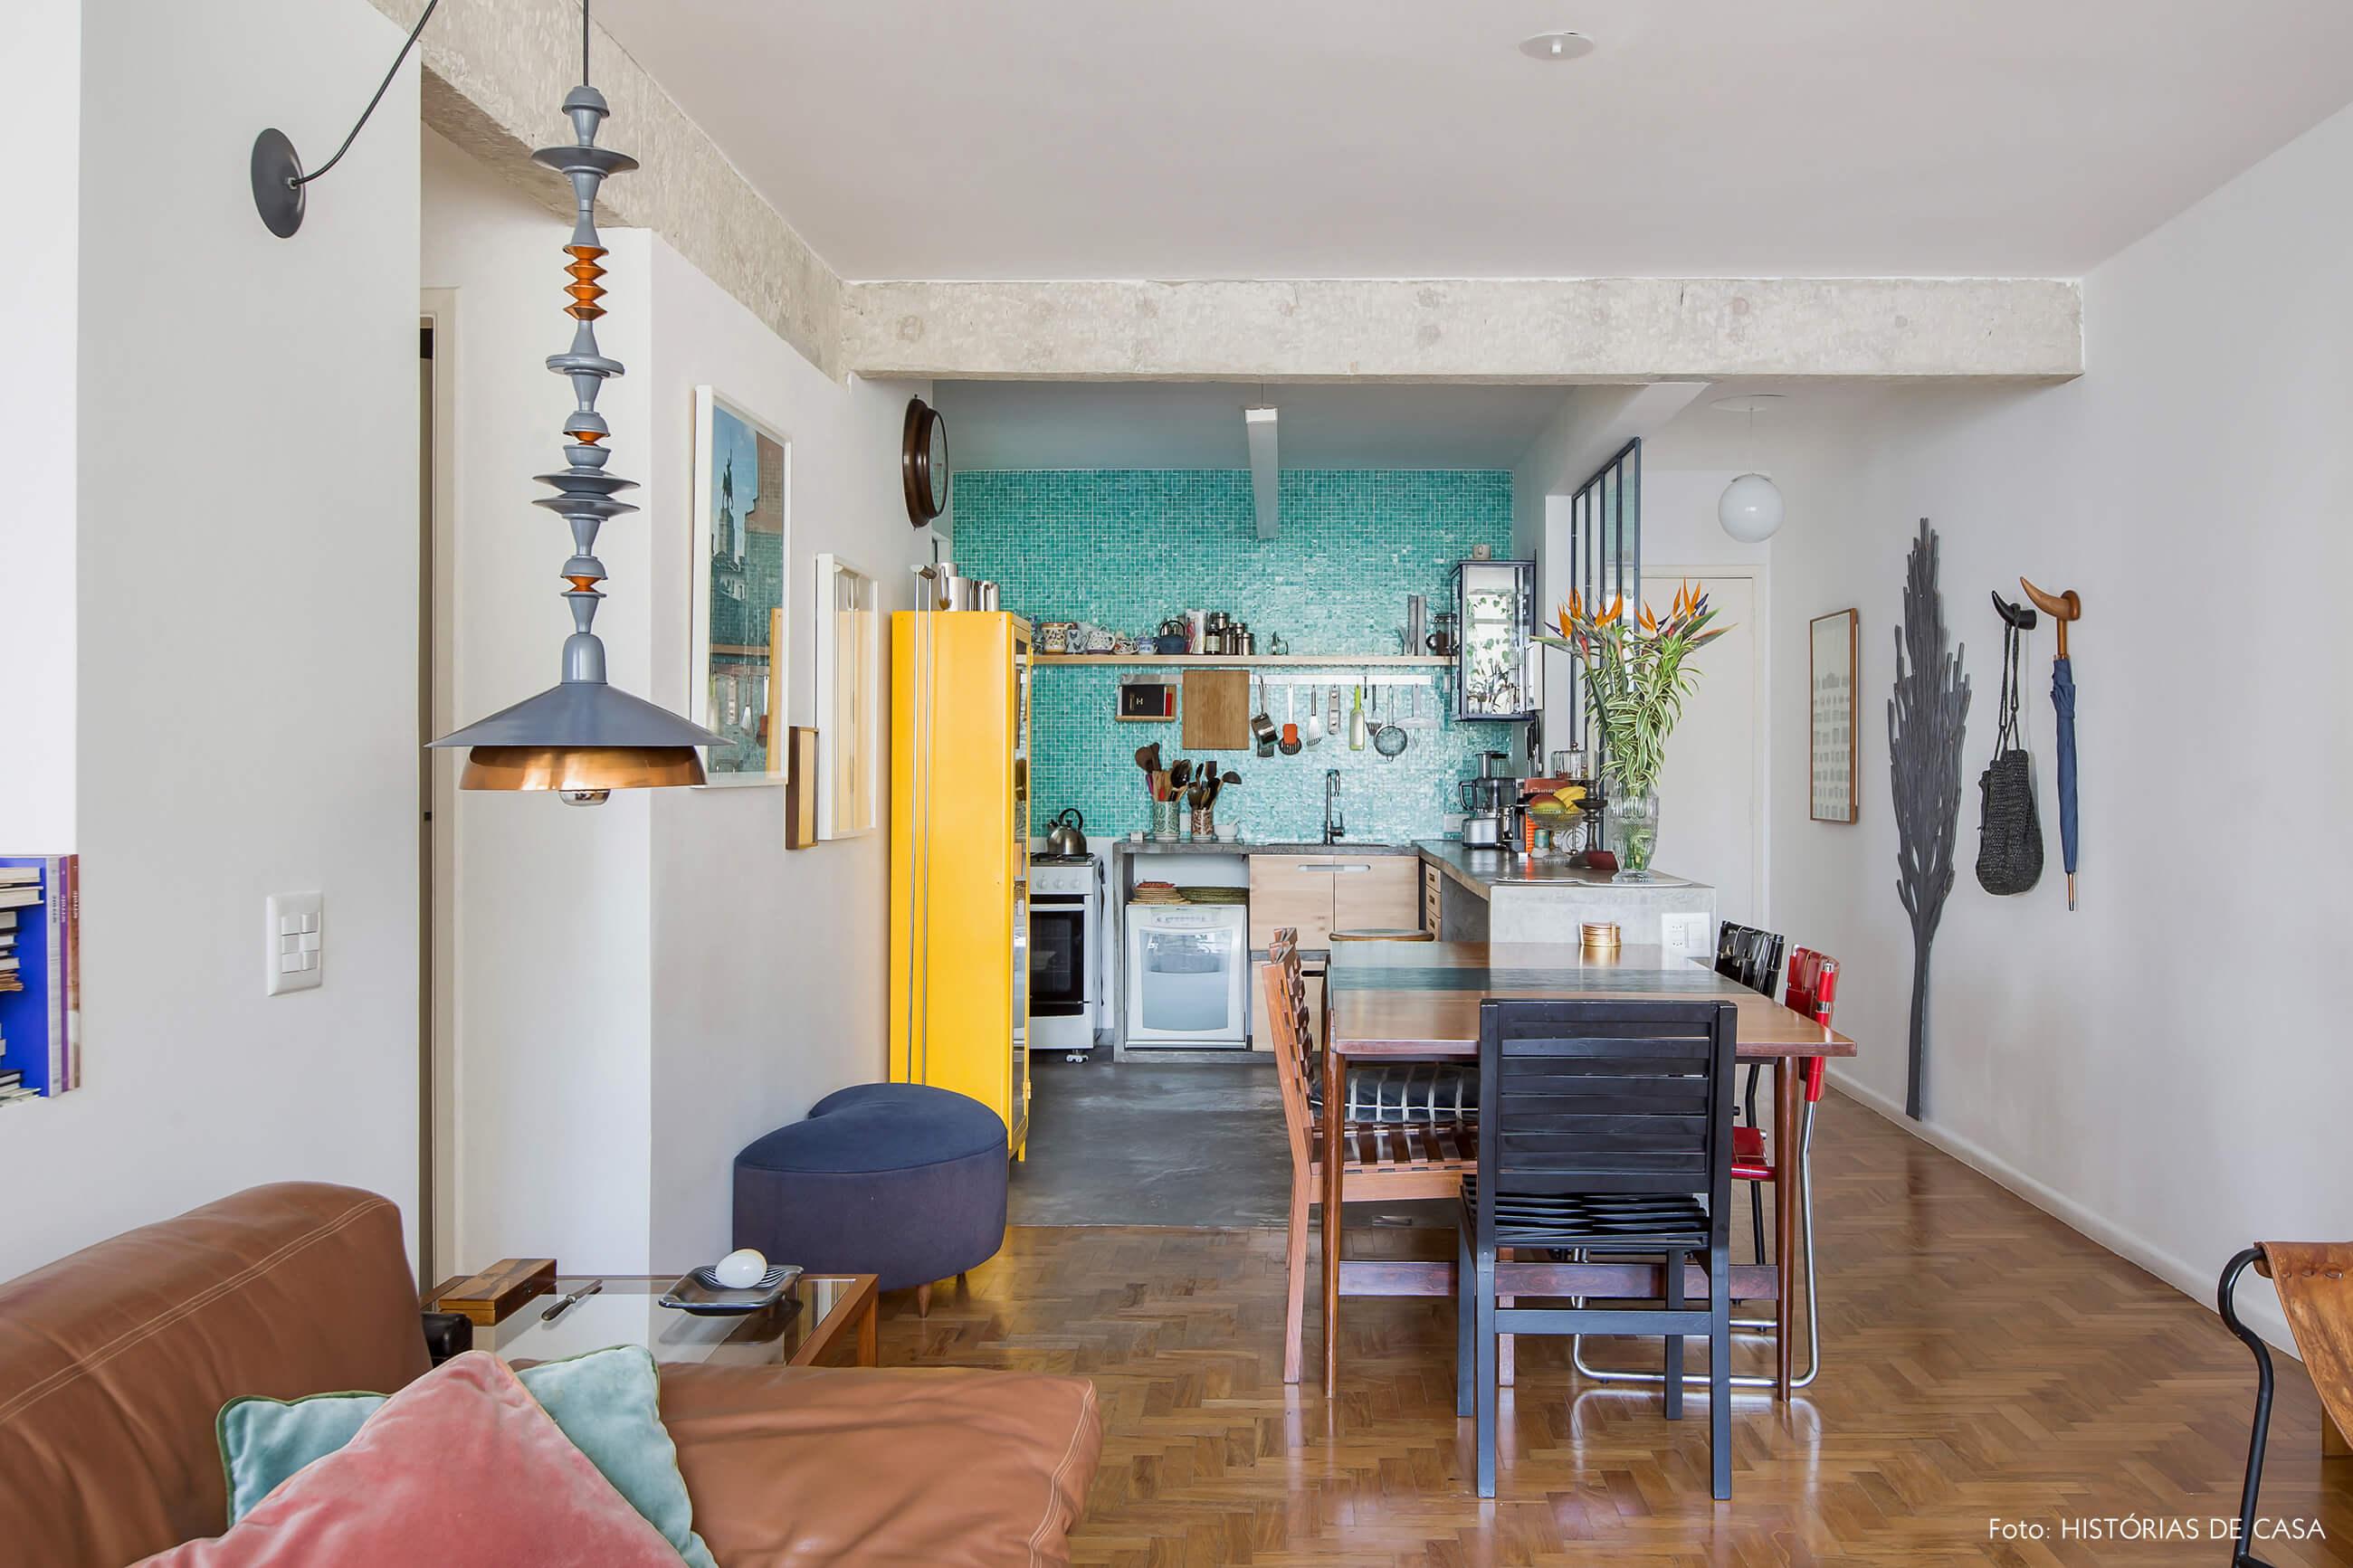 Apartamento reformado com cozinha integrada e decoração colorida